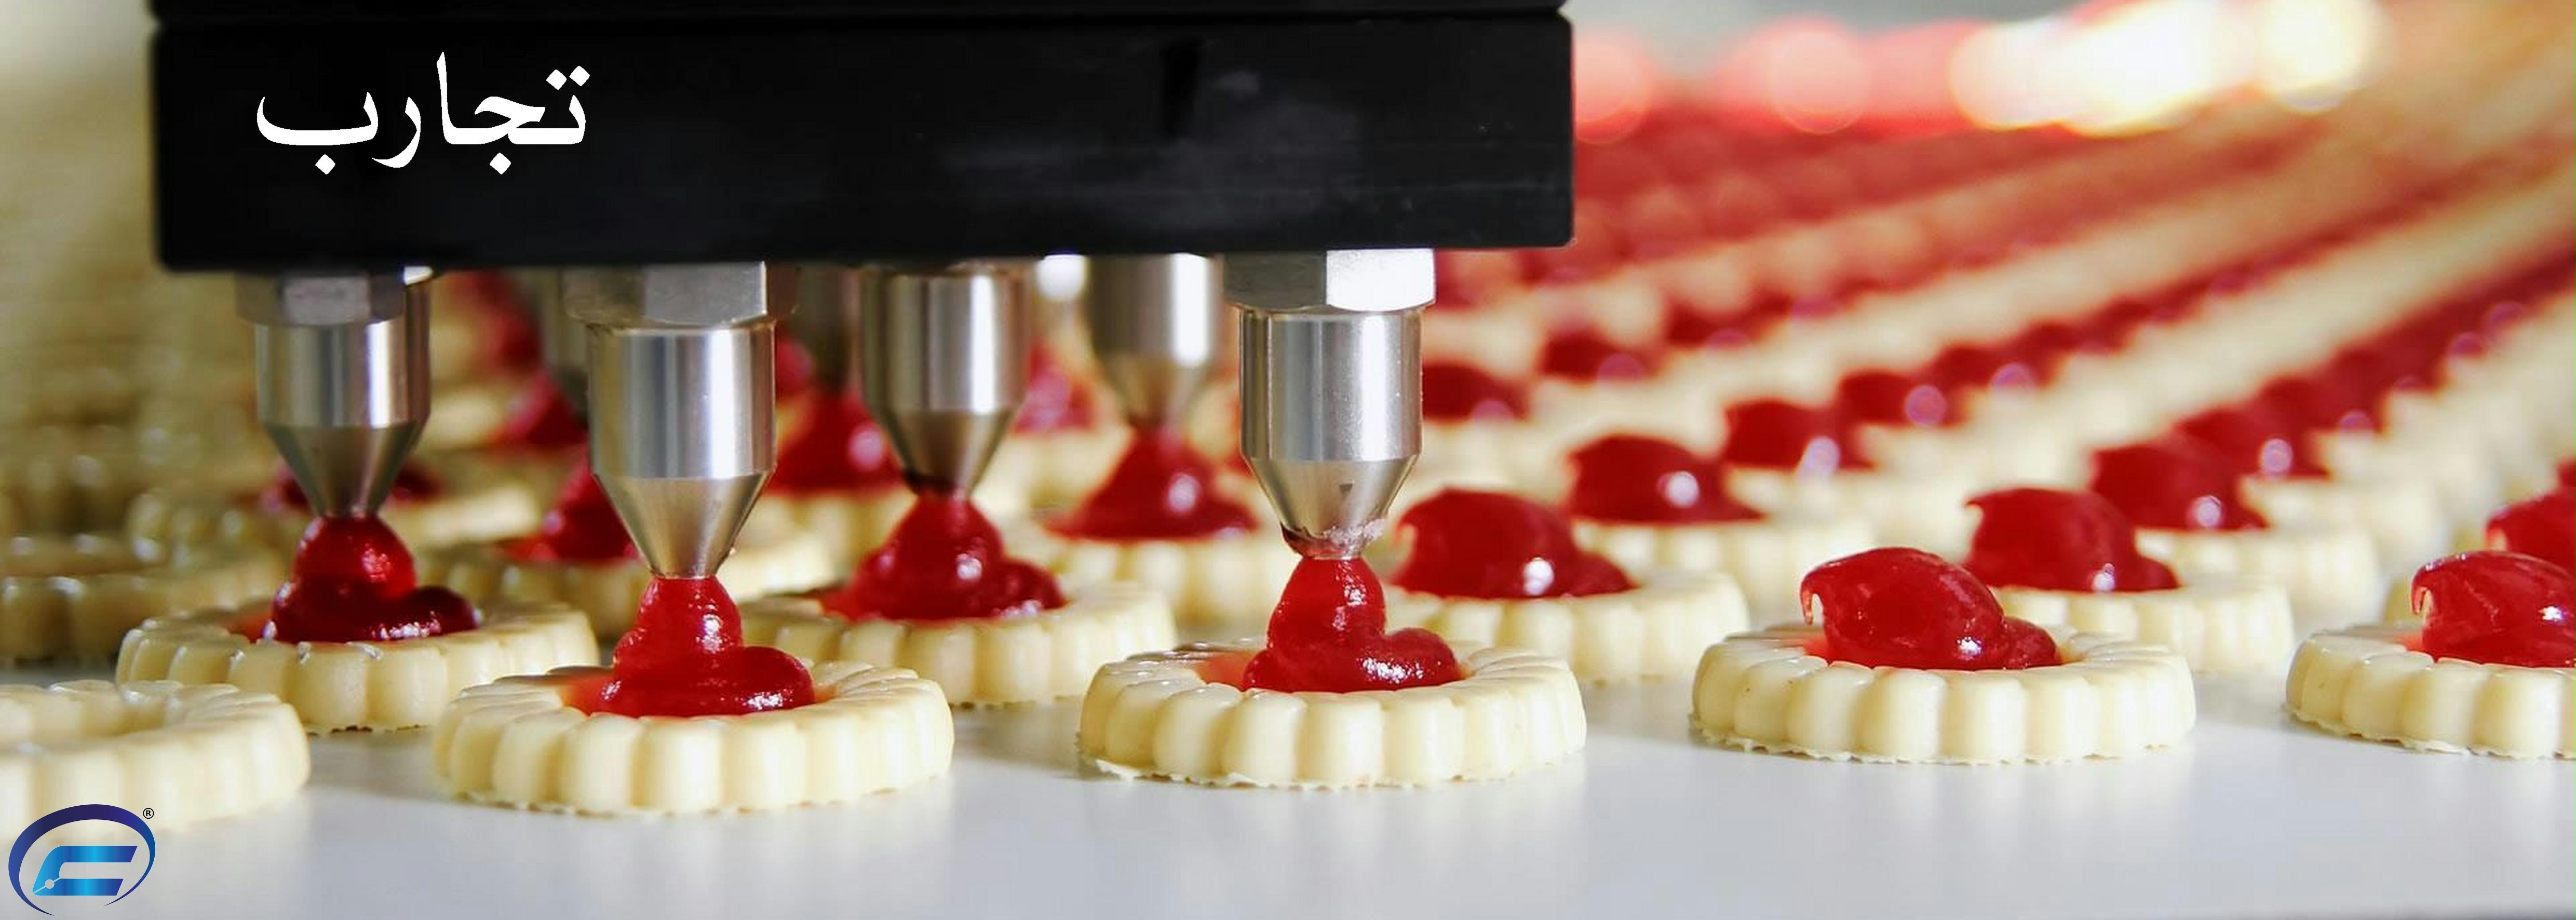 تجارب قراردادنویسی صنعت غذایی-کانون قراردادنویسان ایران